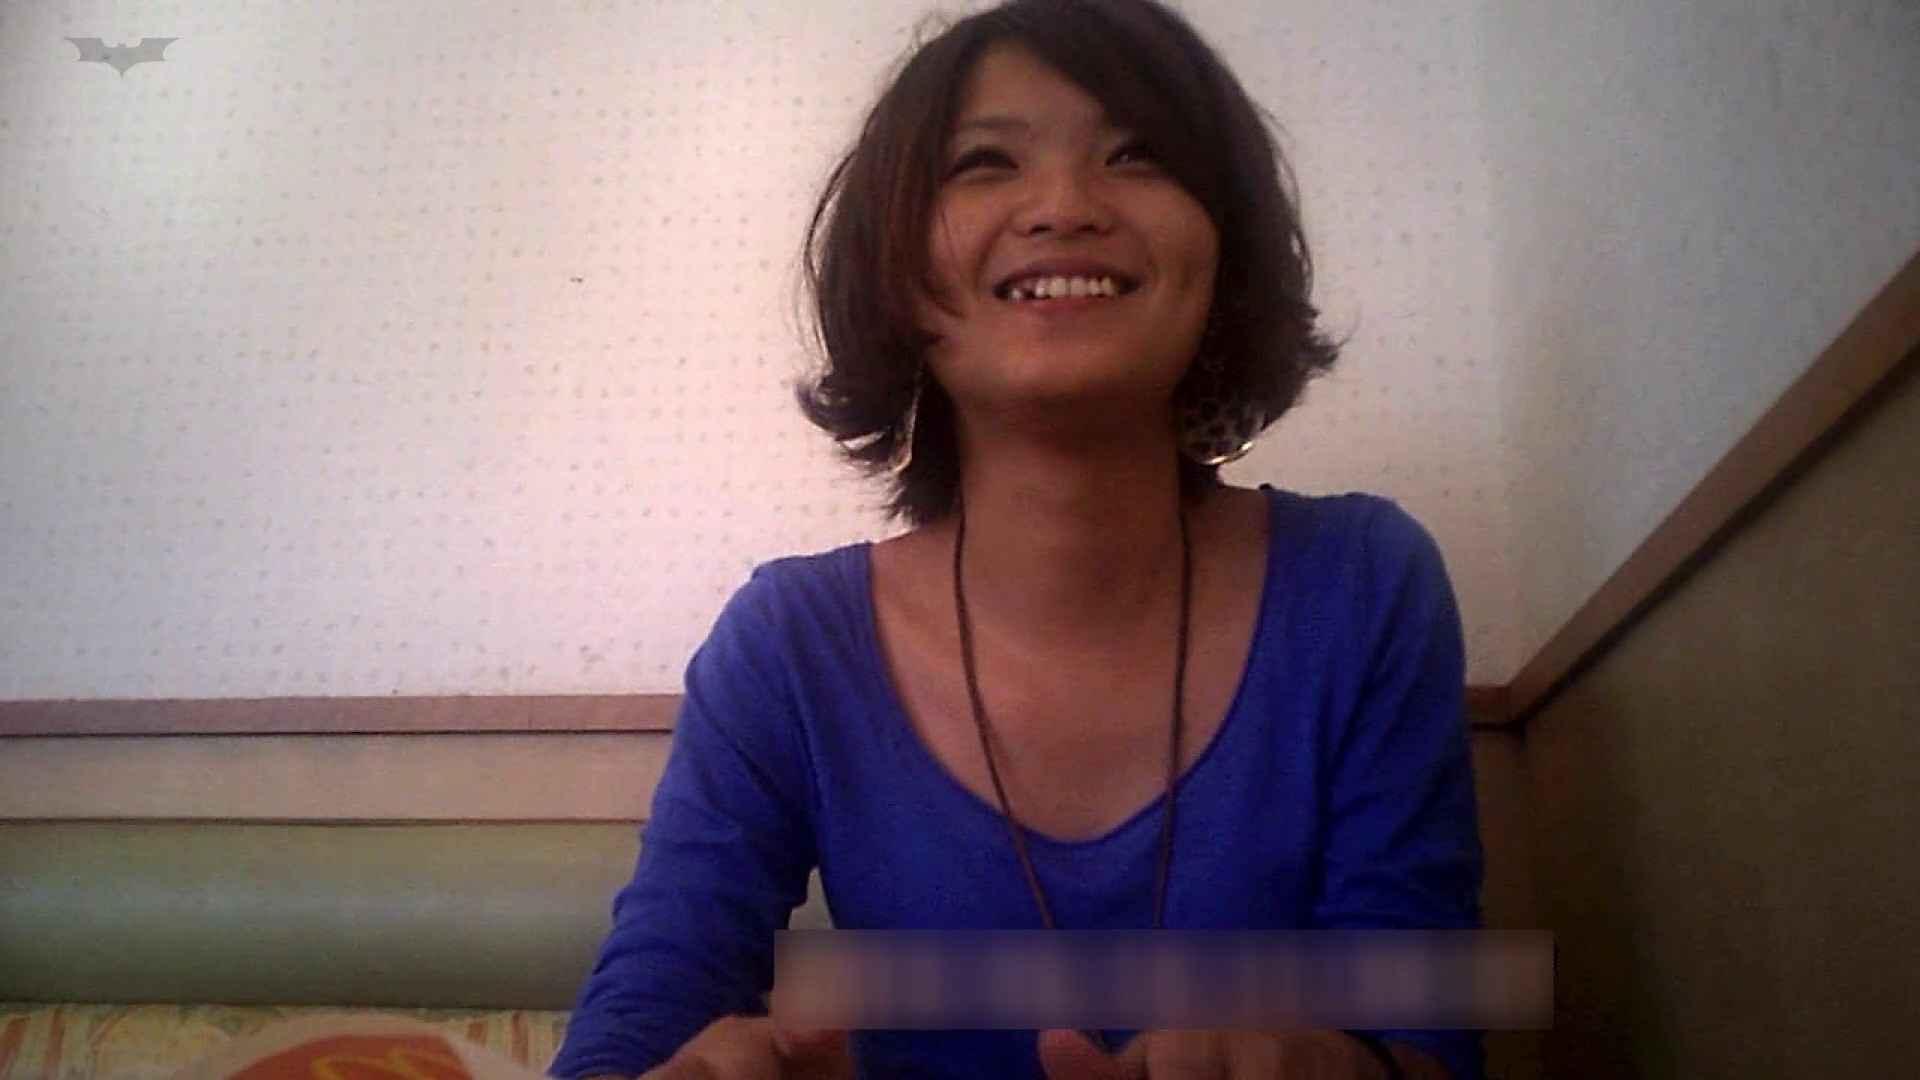 榮倉奈々 似!!激カワ ときめきチャン Vol.34 脱衣編 ラブホテル | 細身体型  95枚 37